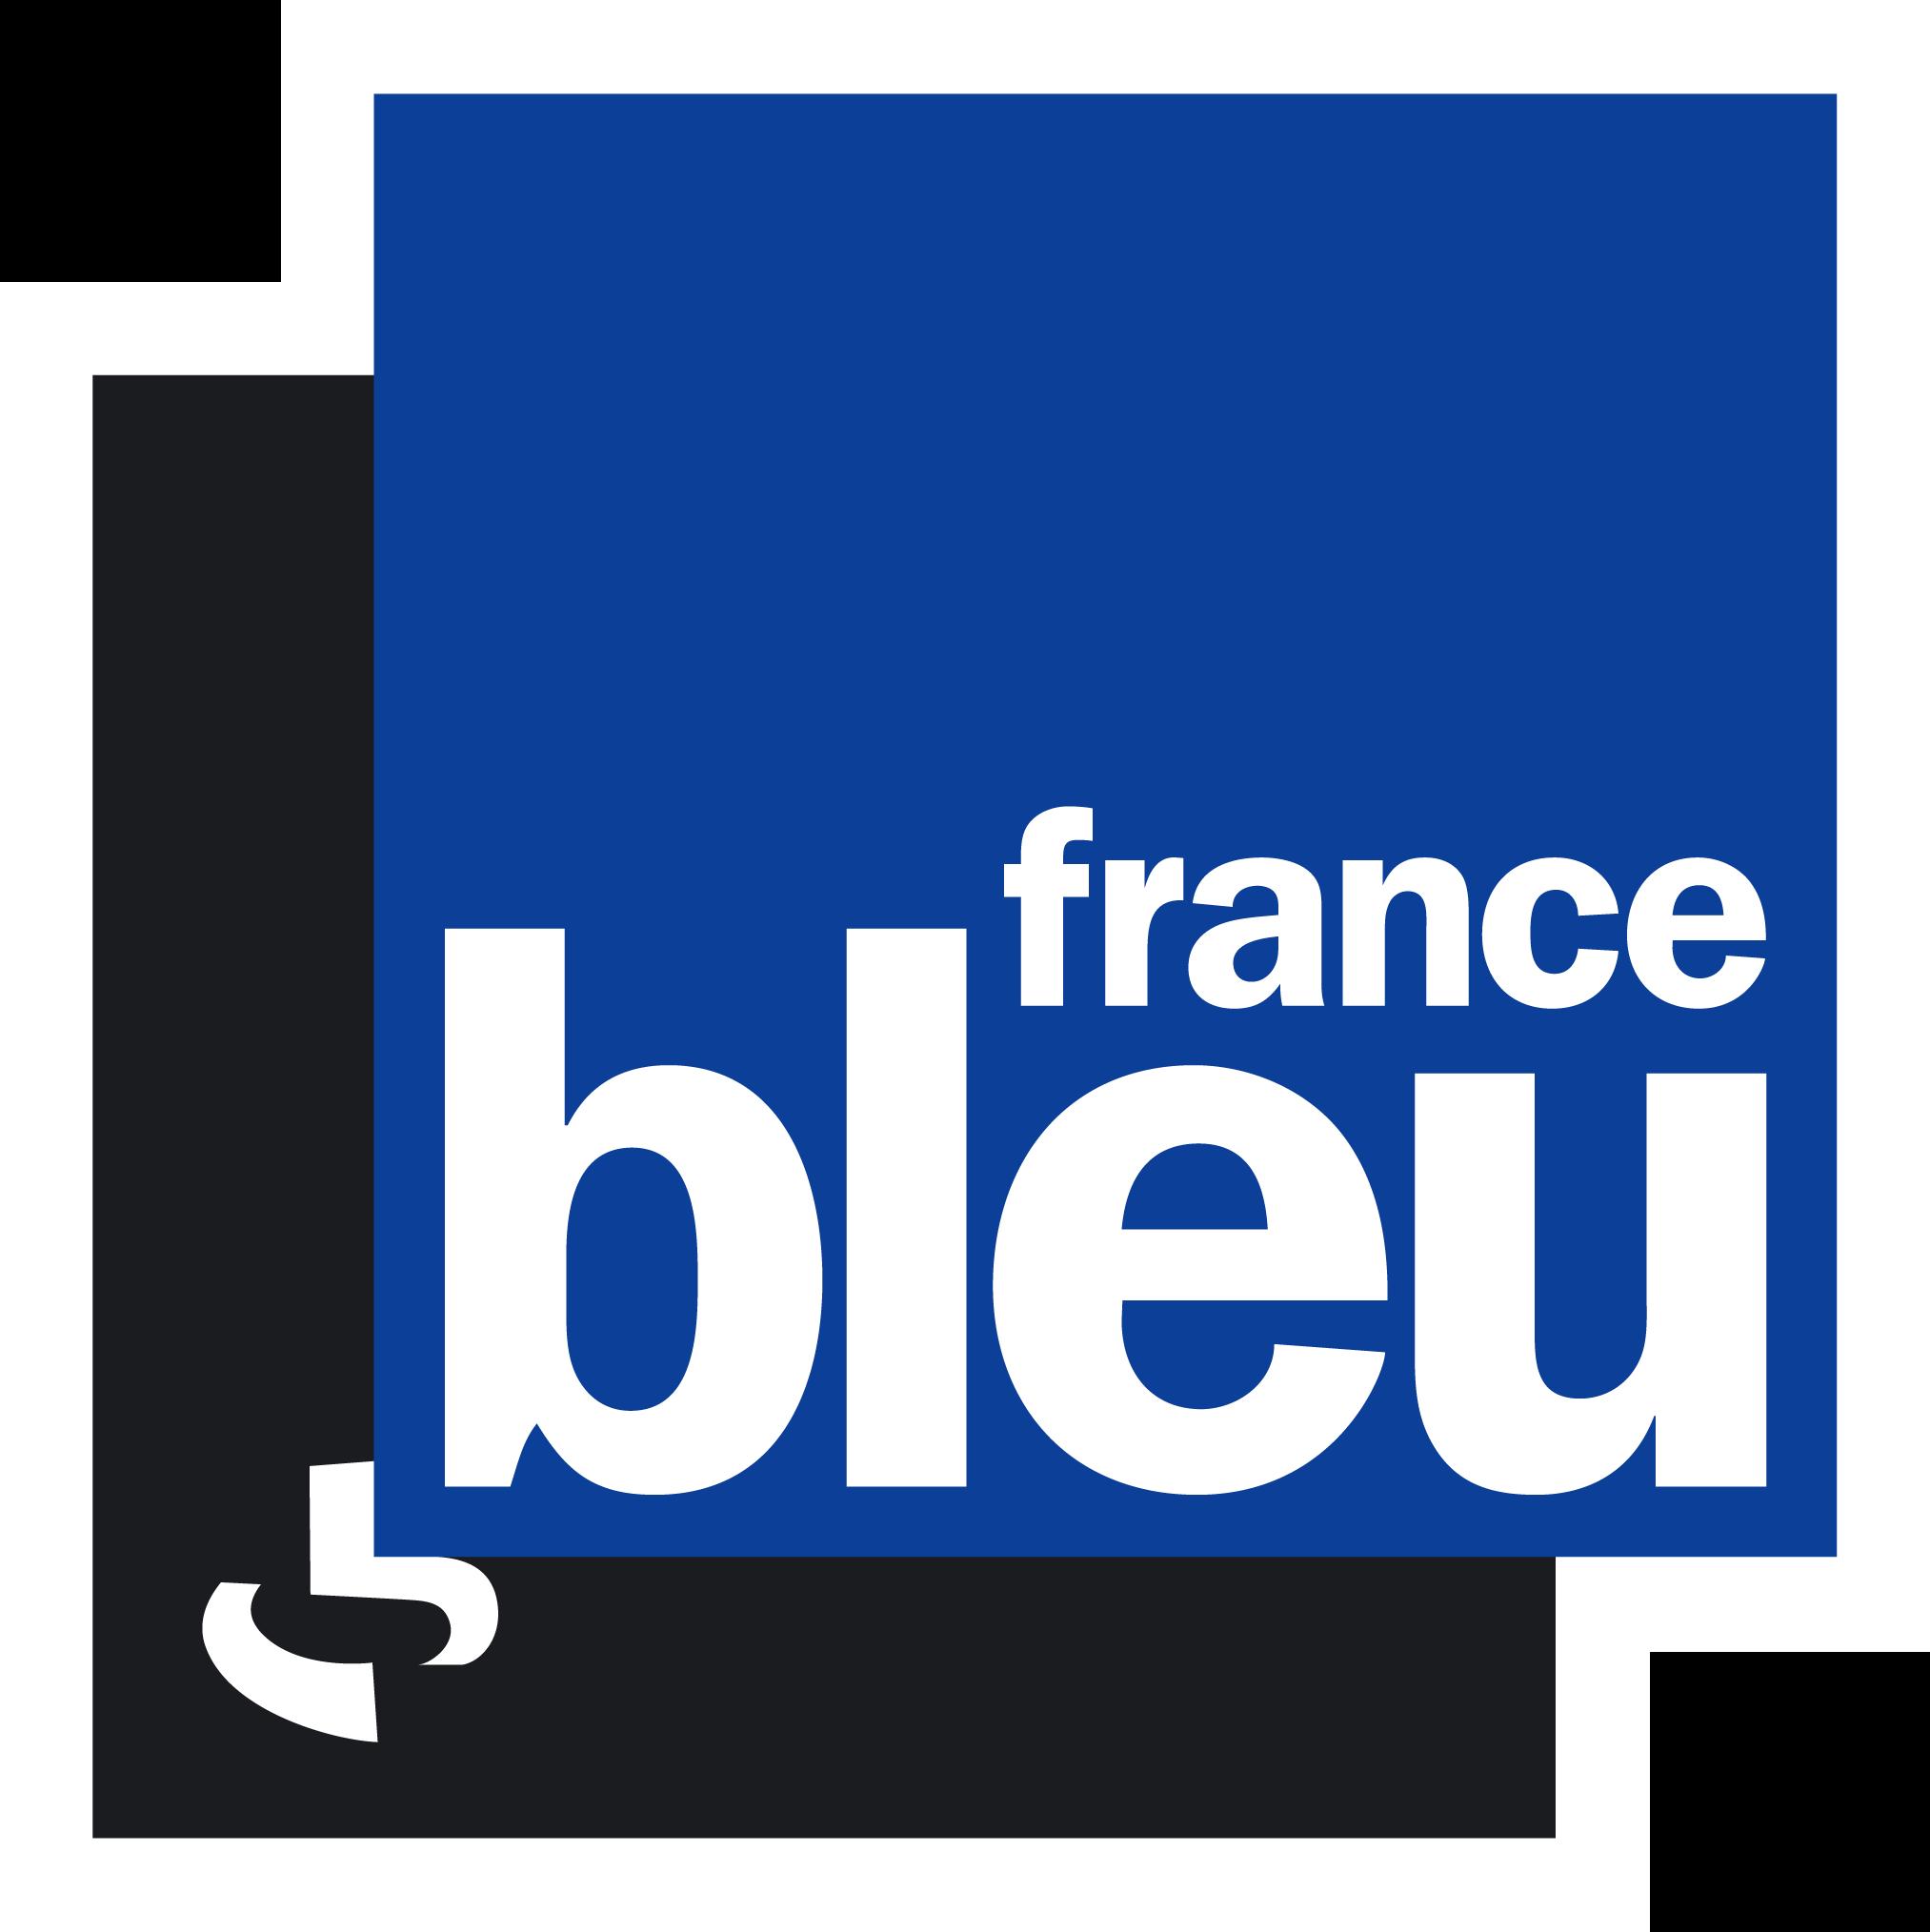 Écoutez le podcast de France Bleue : les éco-matériaux d'isolation avec François Glaizot de l'ARPE et Nicolas Marie.